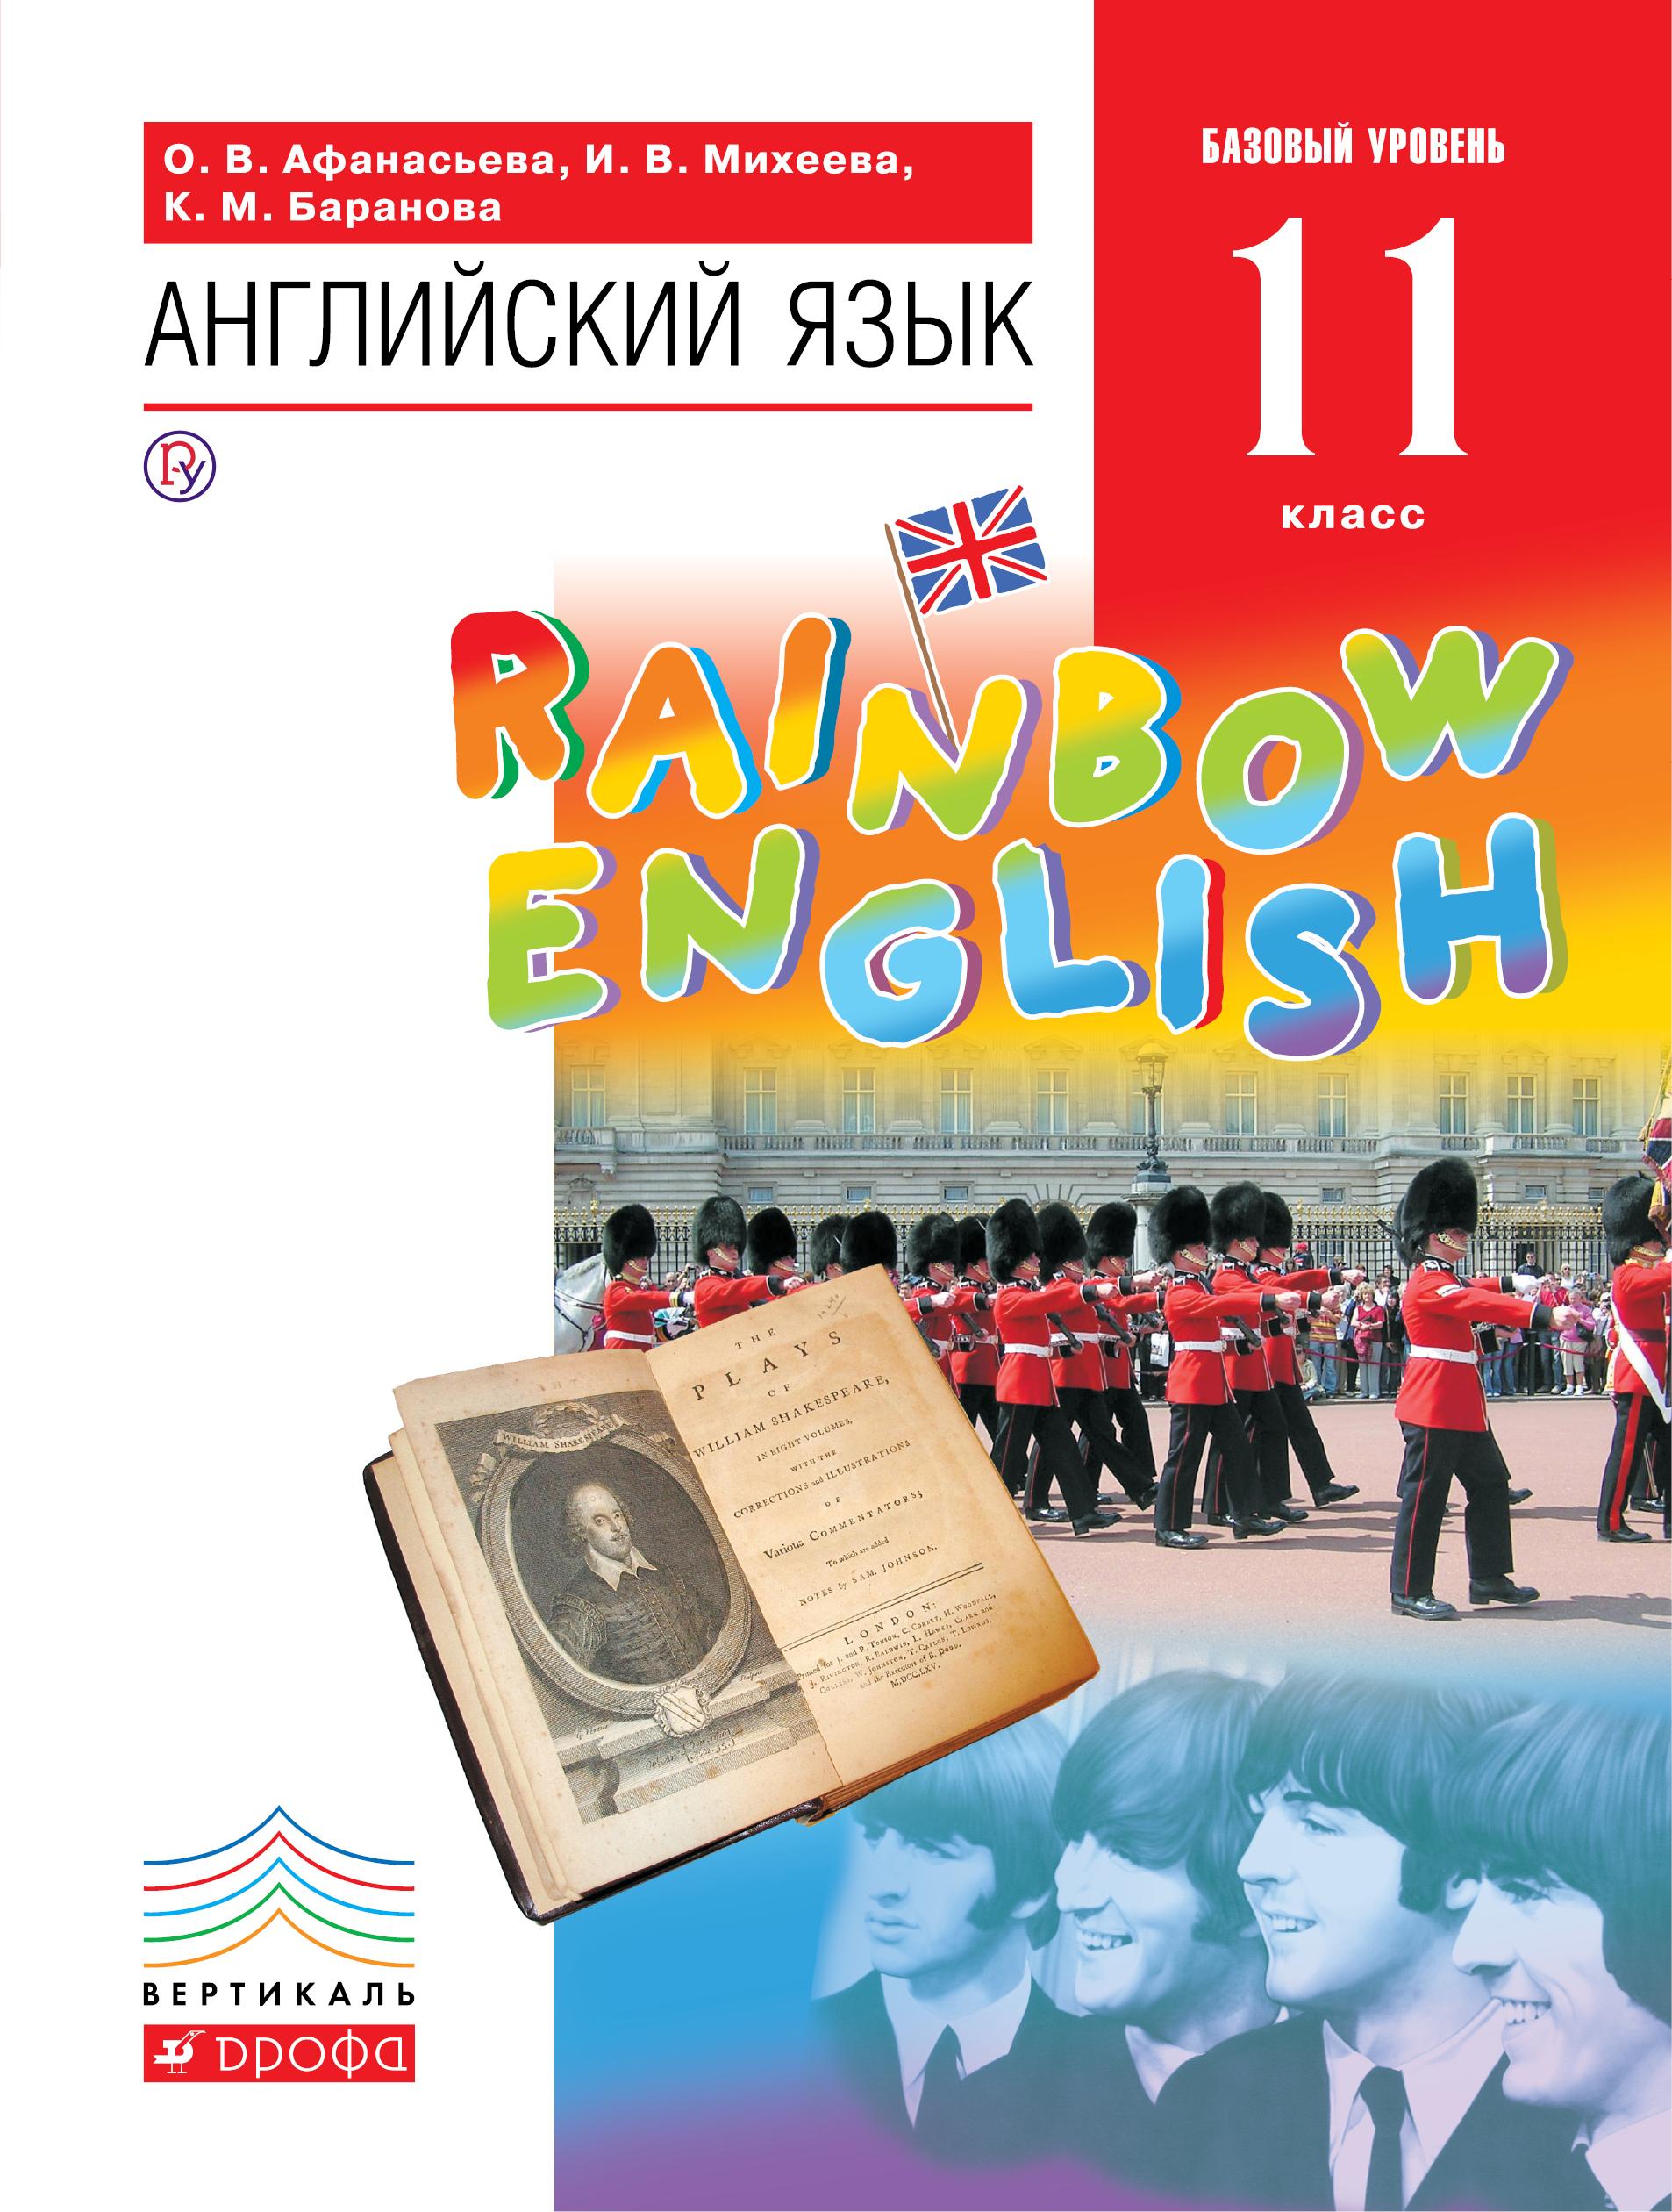 Английский язык. Базовый уровень. 11 класс. Учебник ( Афанасьева О.В., Михеева И.В., Баранова К.М.  )